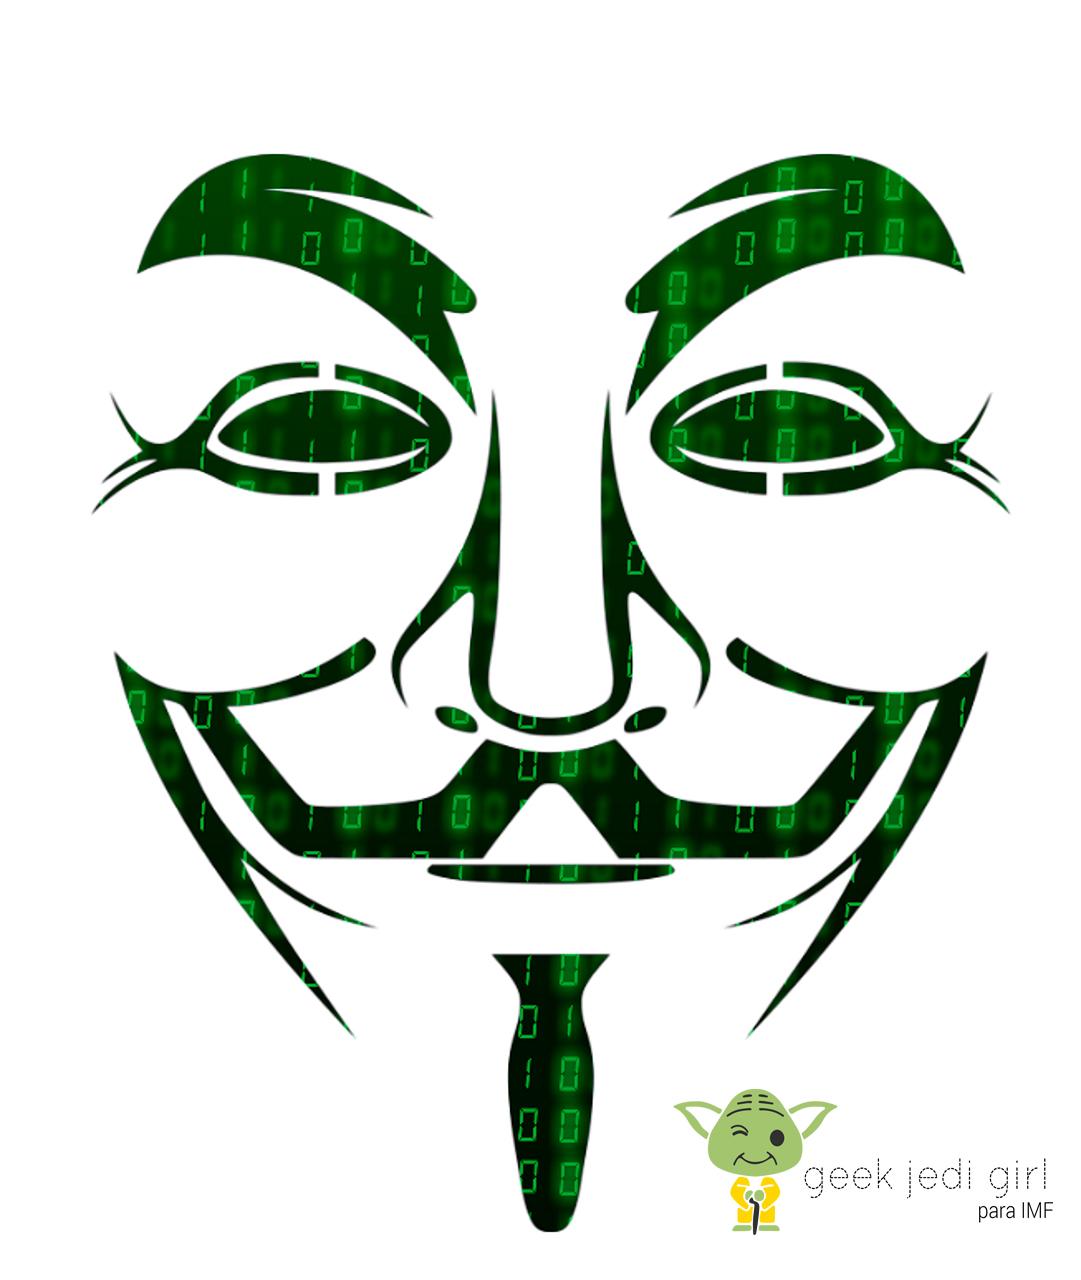 hacker Los 10 delitos digitales que amenazarán la ciberseguridad en 2017